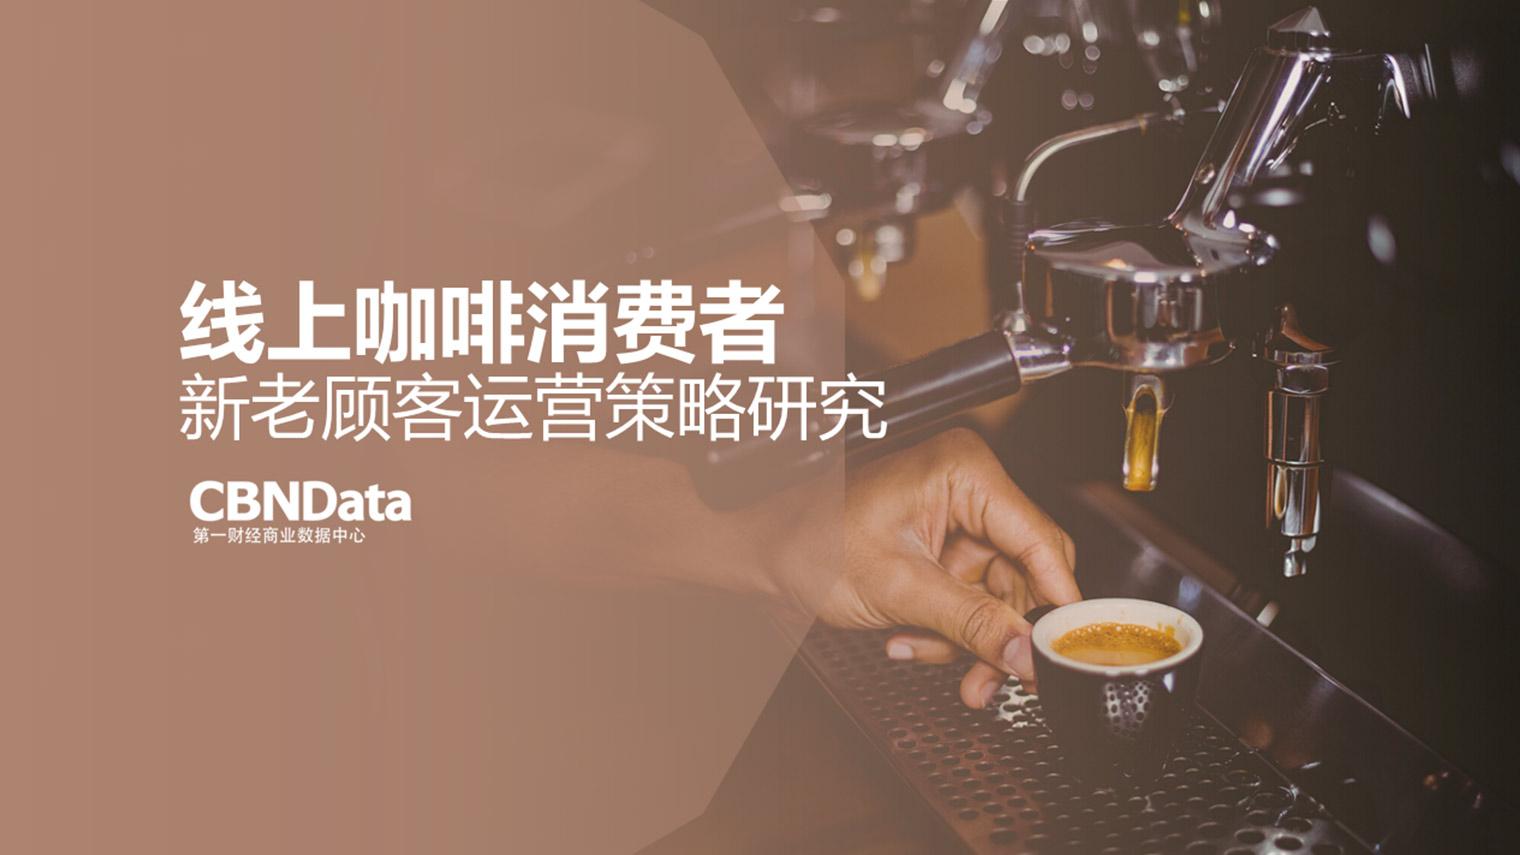 线上咖啡消费者新老顾客运营策略研究